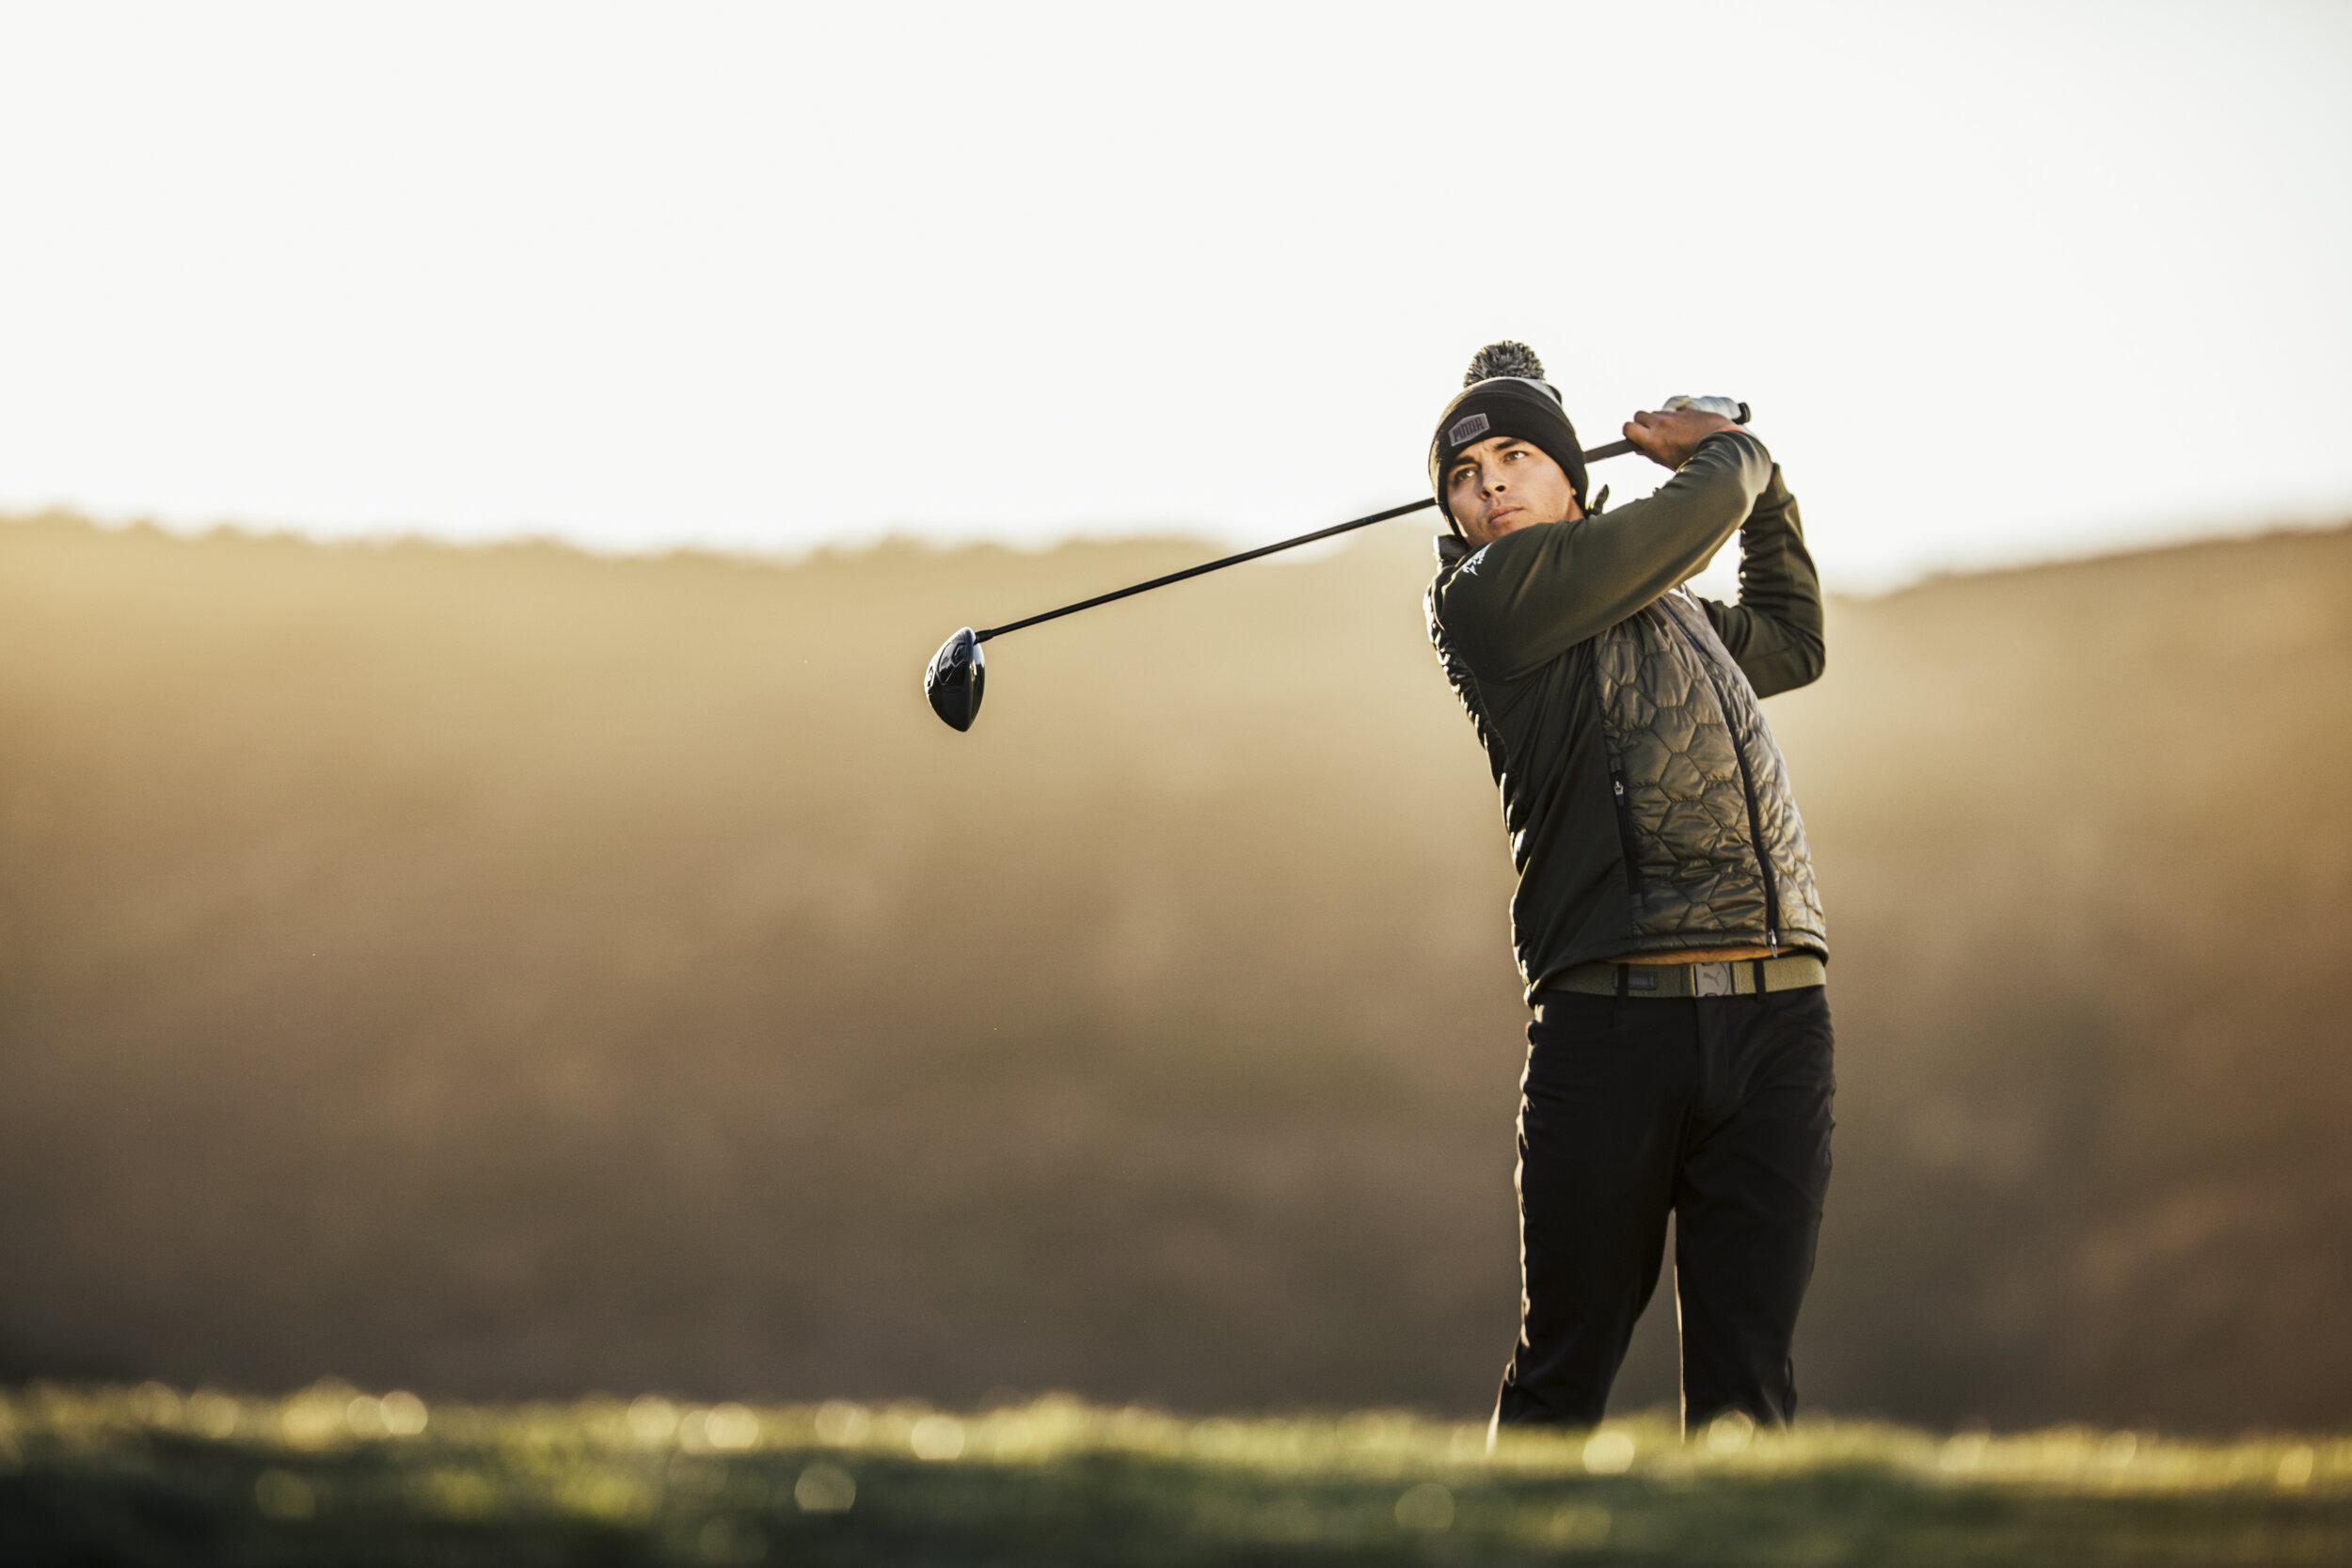 Commissions: Puma Golf